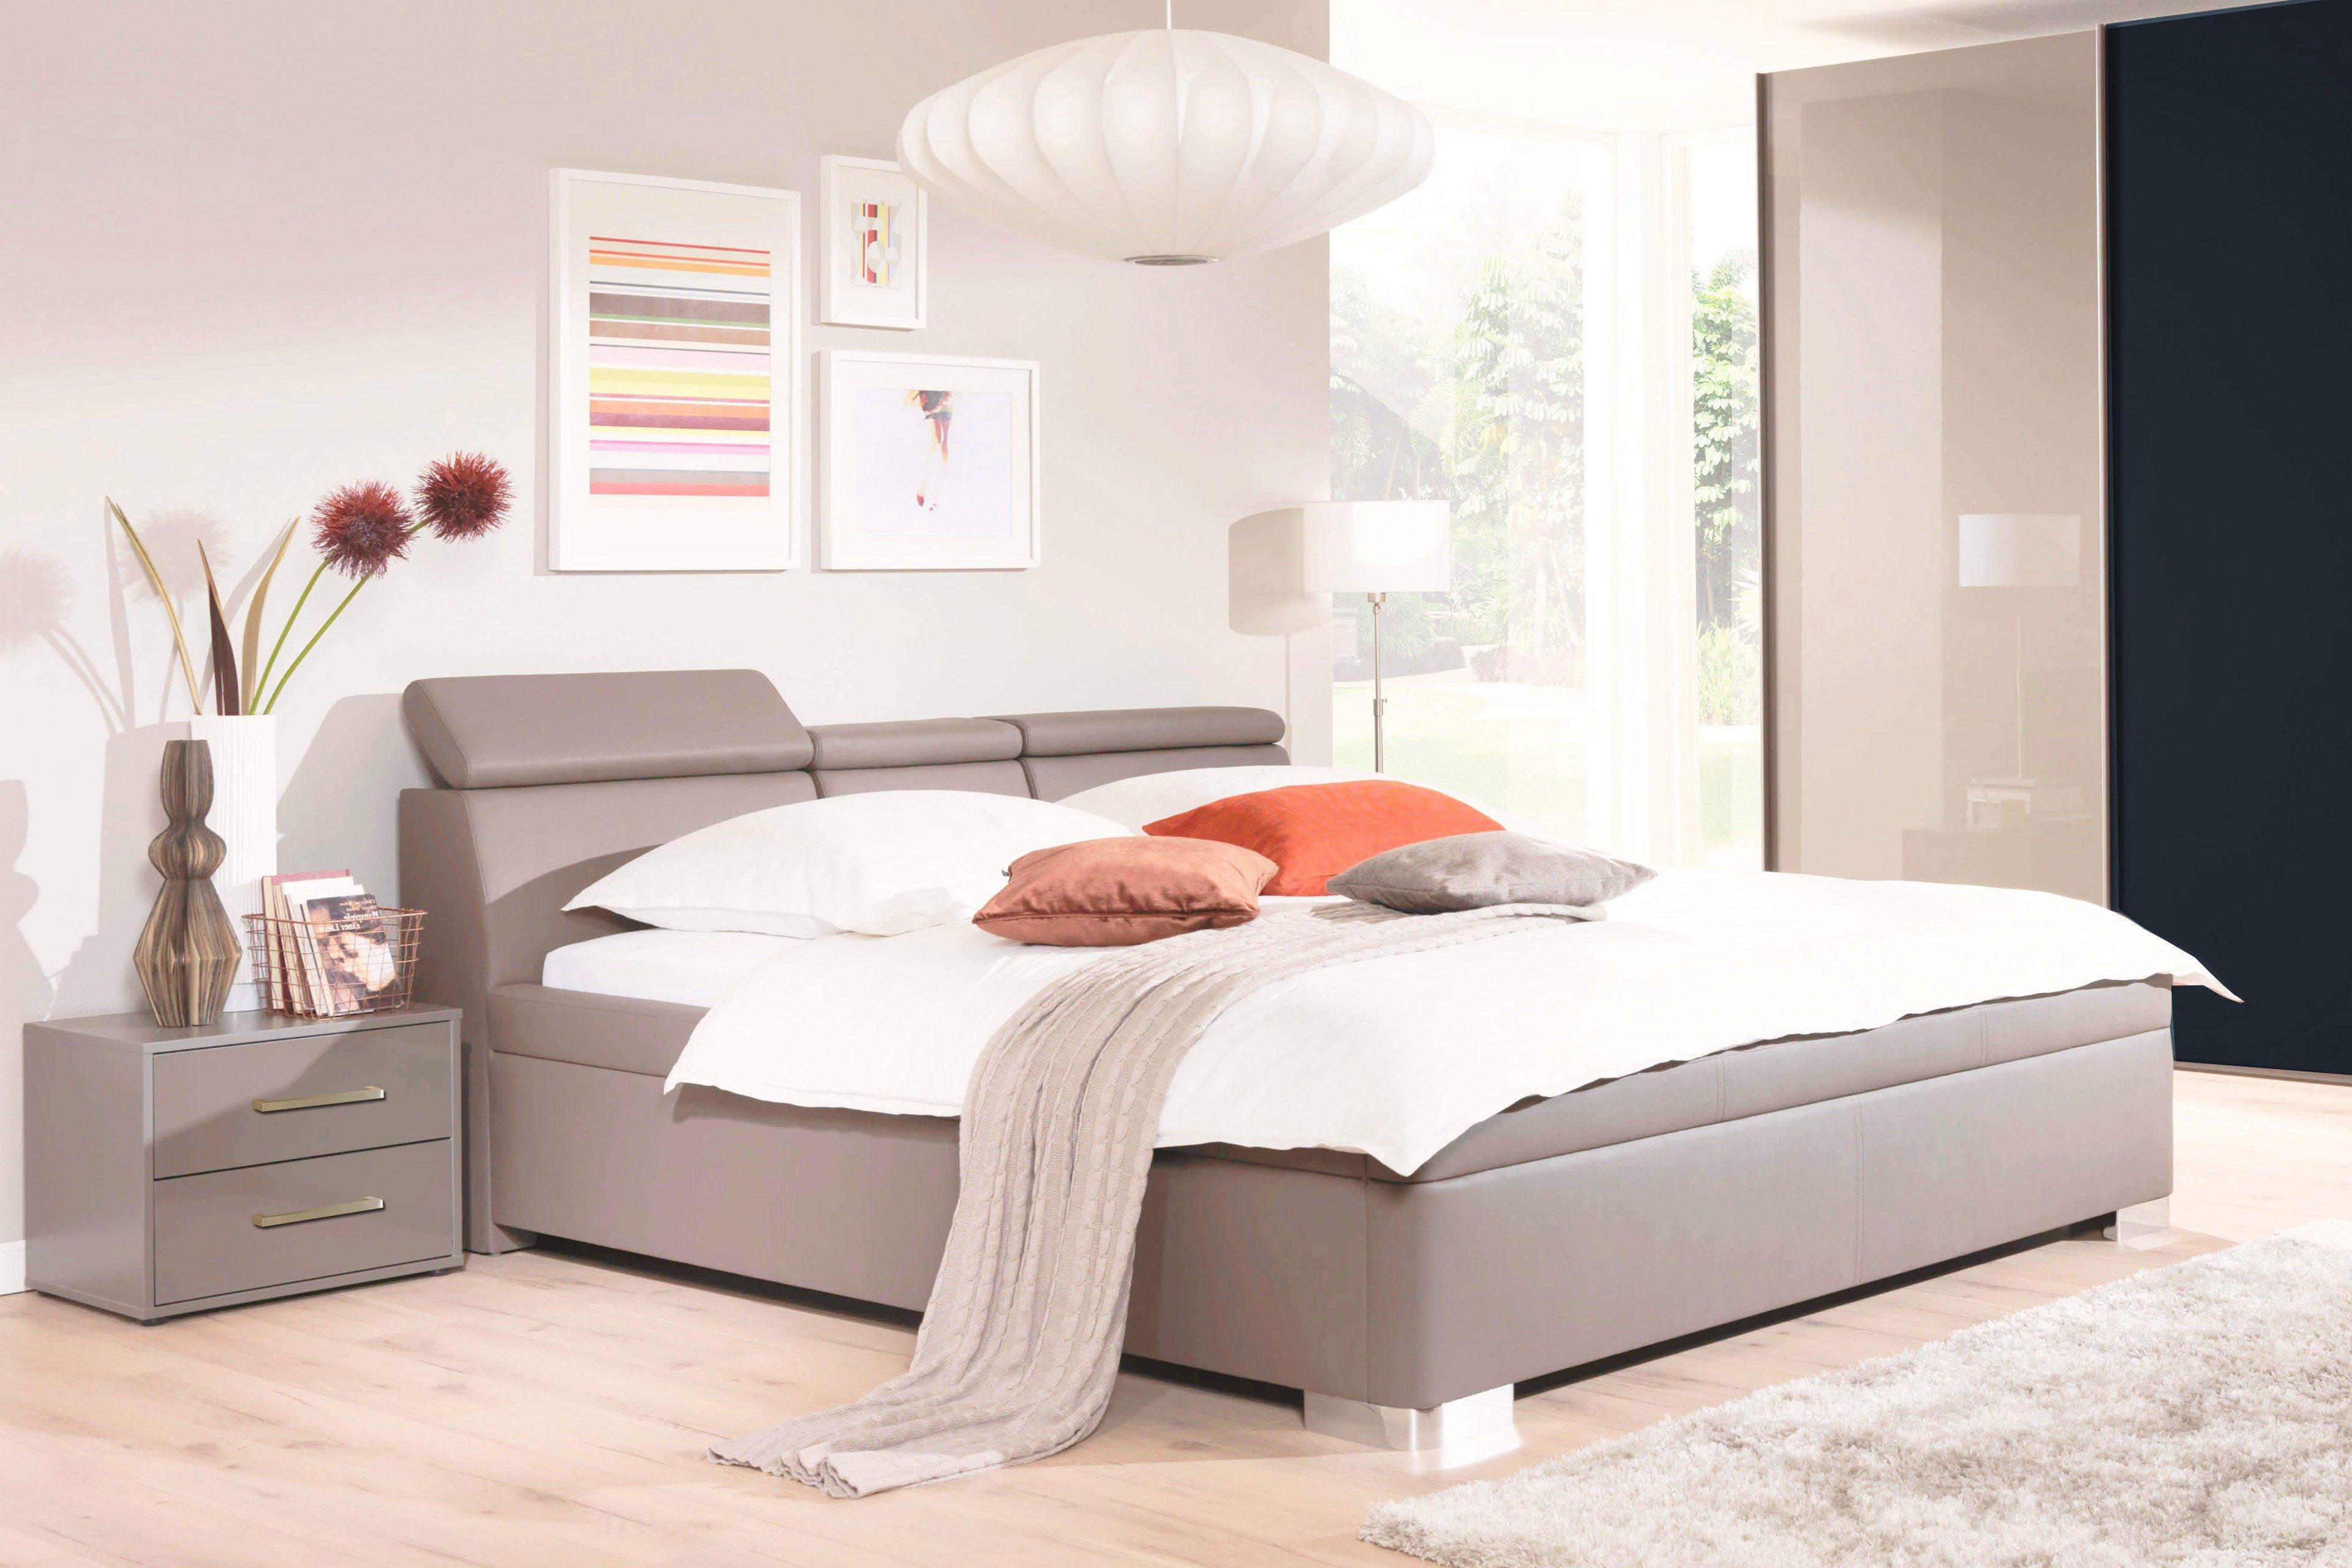 wellem bel mood polsterbett 04 sandgrau m bel letz ihr online shop. Black Bedroom Furniture Sets. Home Design Ideas